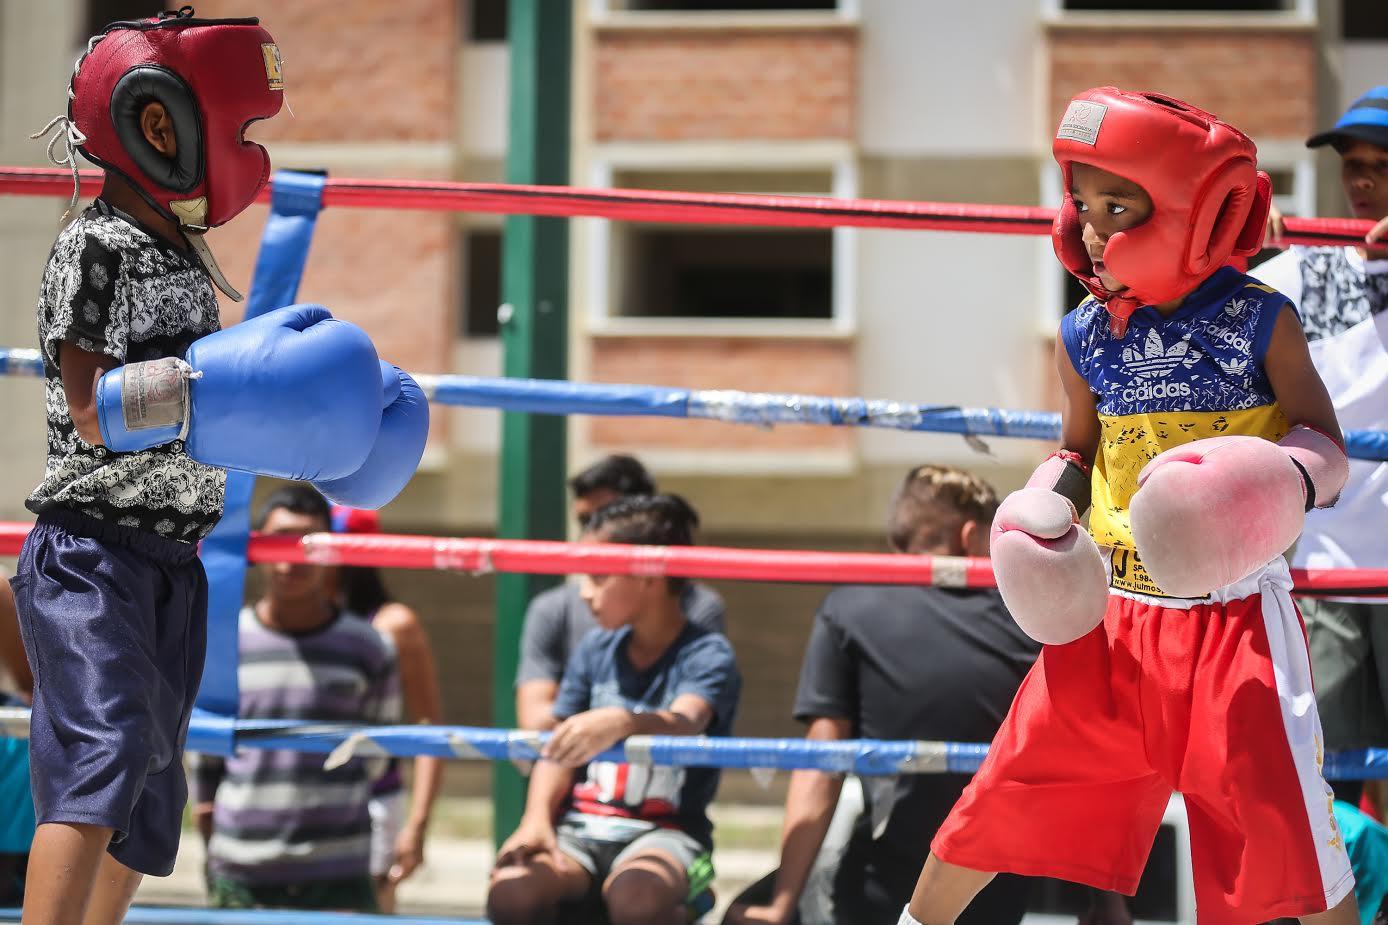 Más de 17 mil personas en Ciudad Tiuna participaron en gran toma deportiva por la paz y la vida